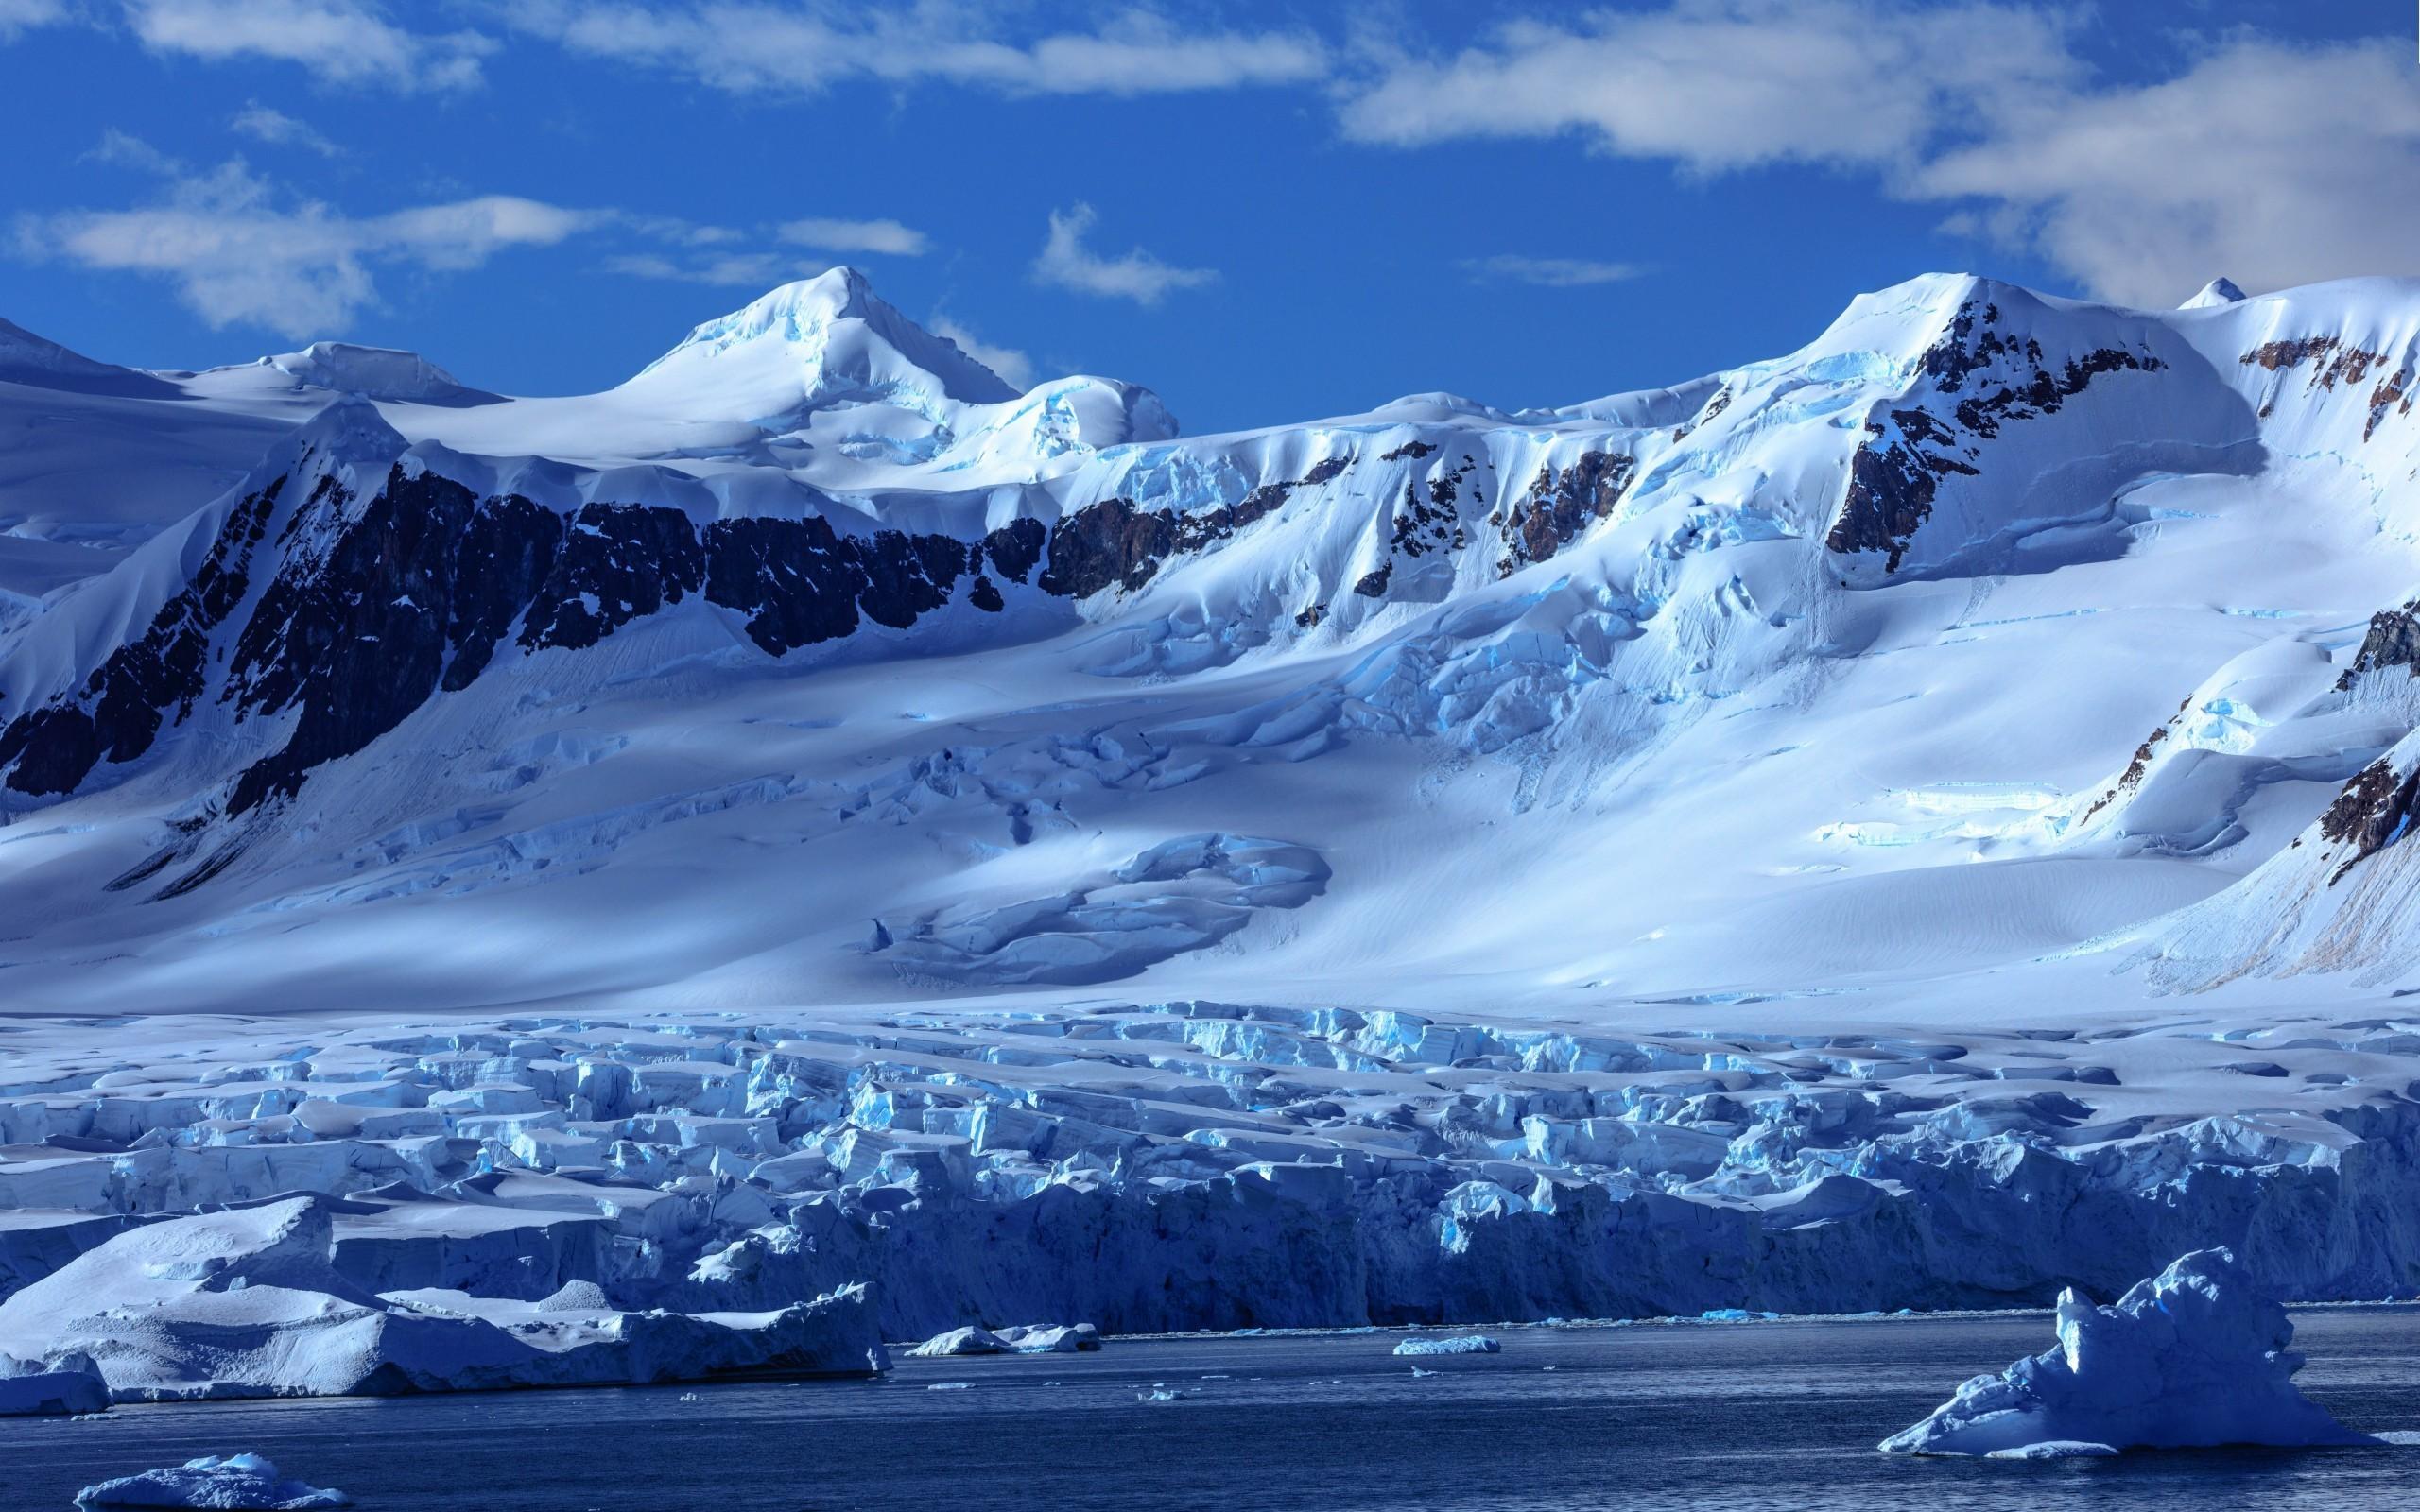 Res: 2560x1600, Snowy Mountains, Antarctica, Glacier